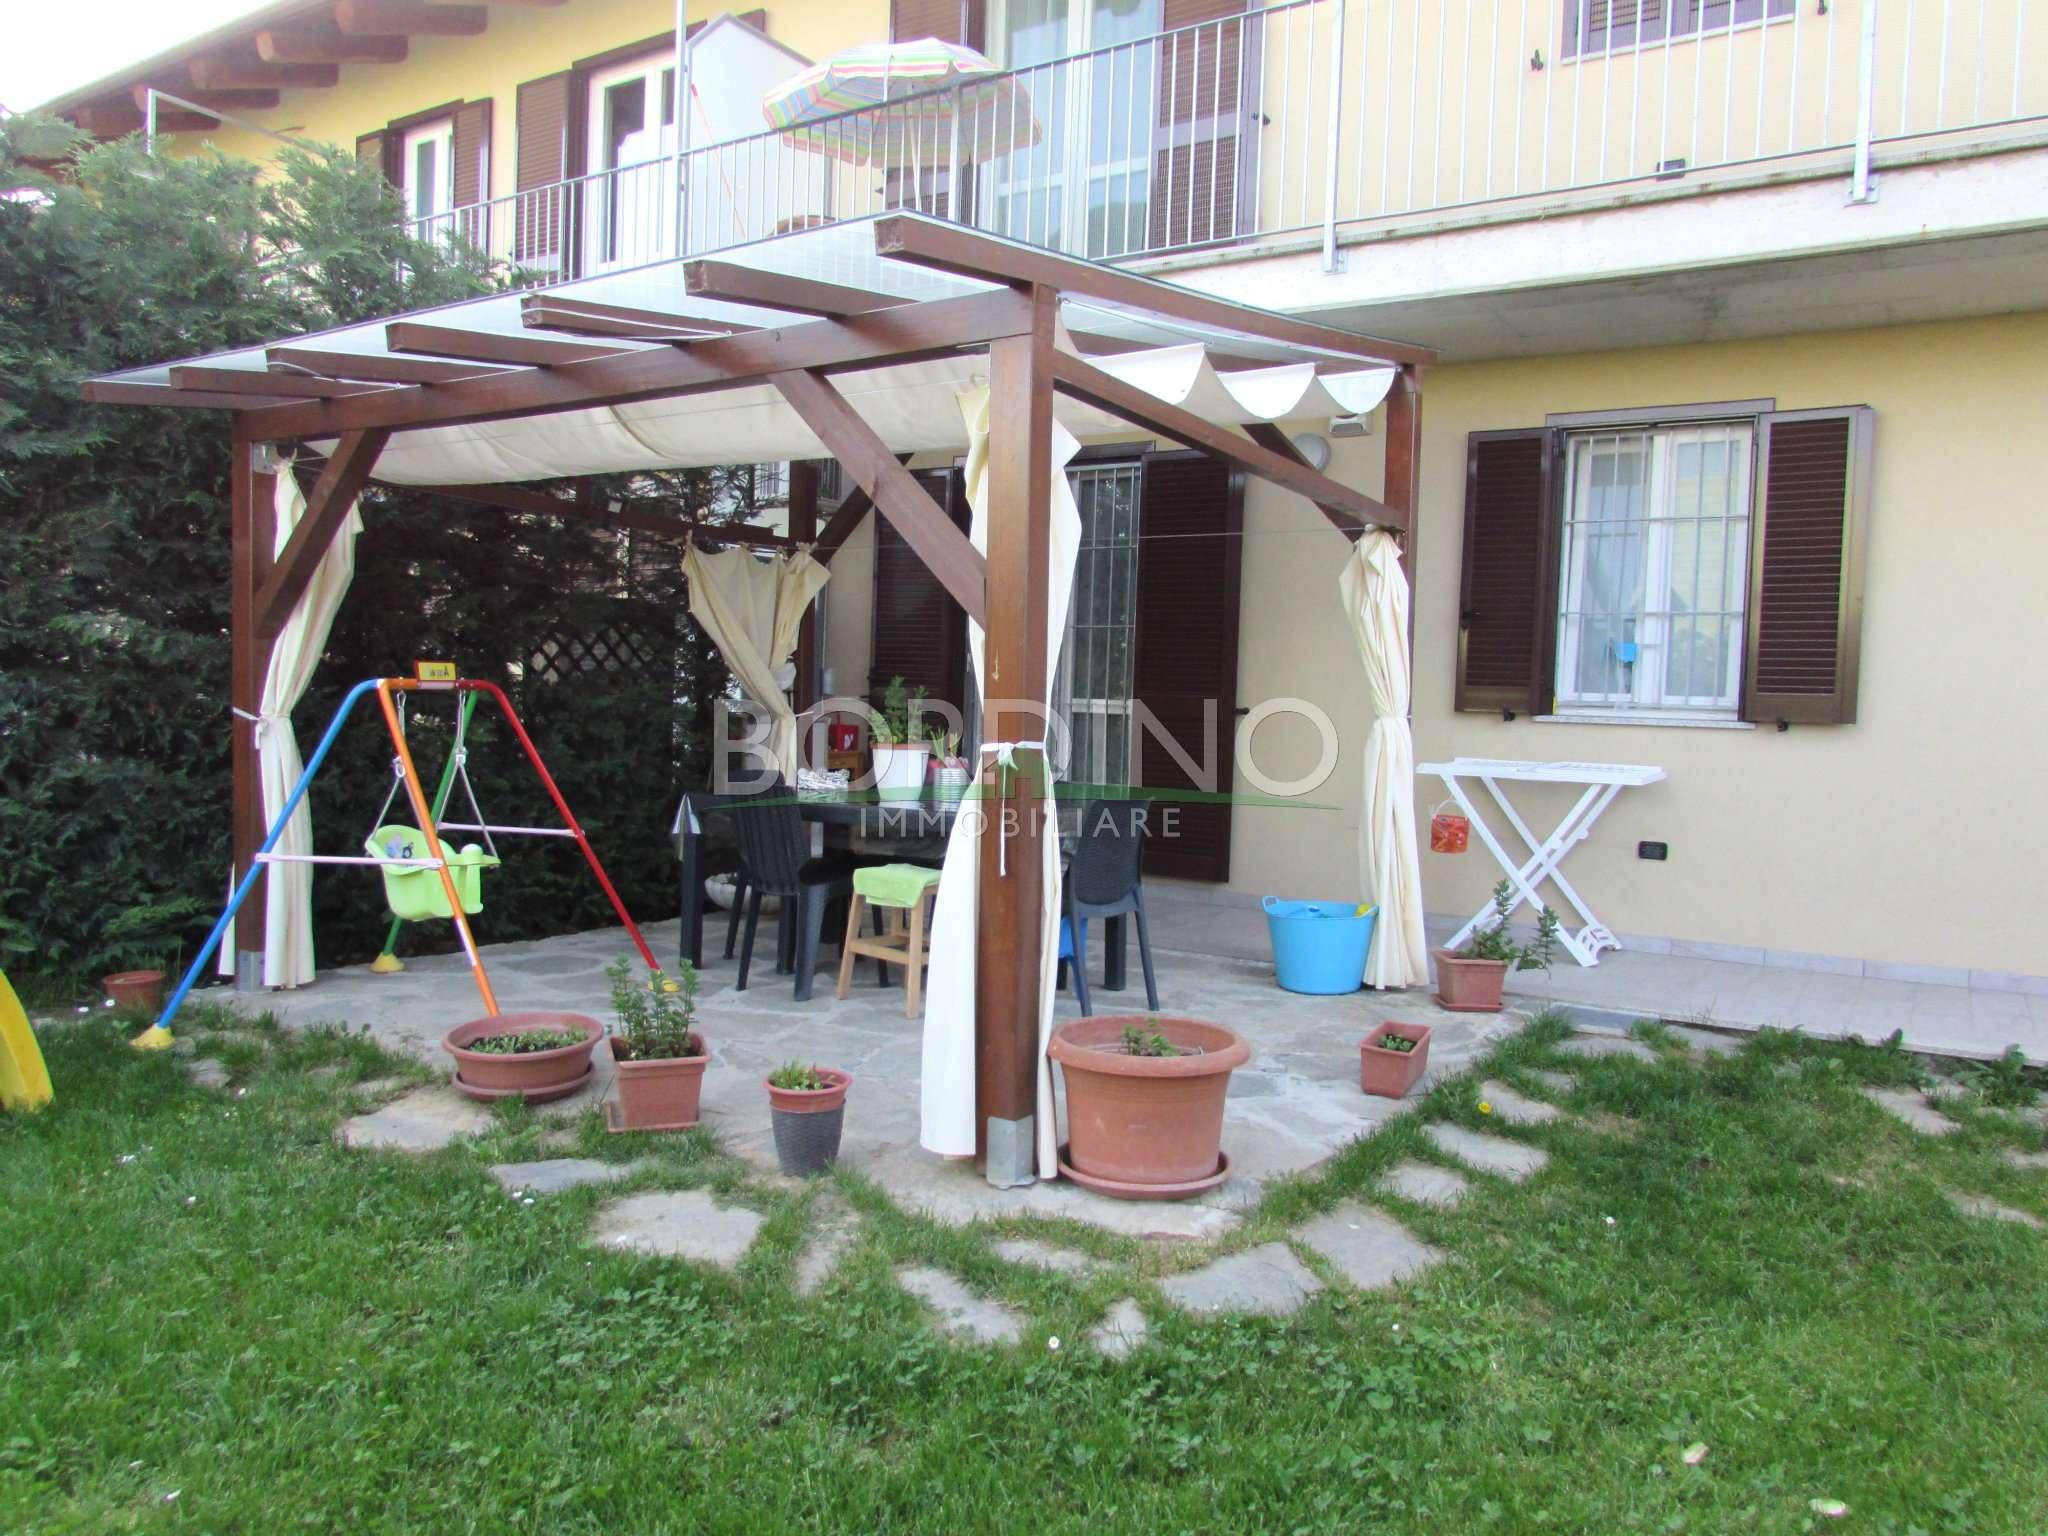 Appartamento in vendita a Govone, 3 locali, prezzo € 135.000 | CambioCasa.it